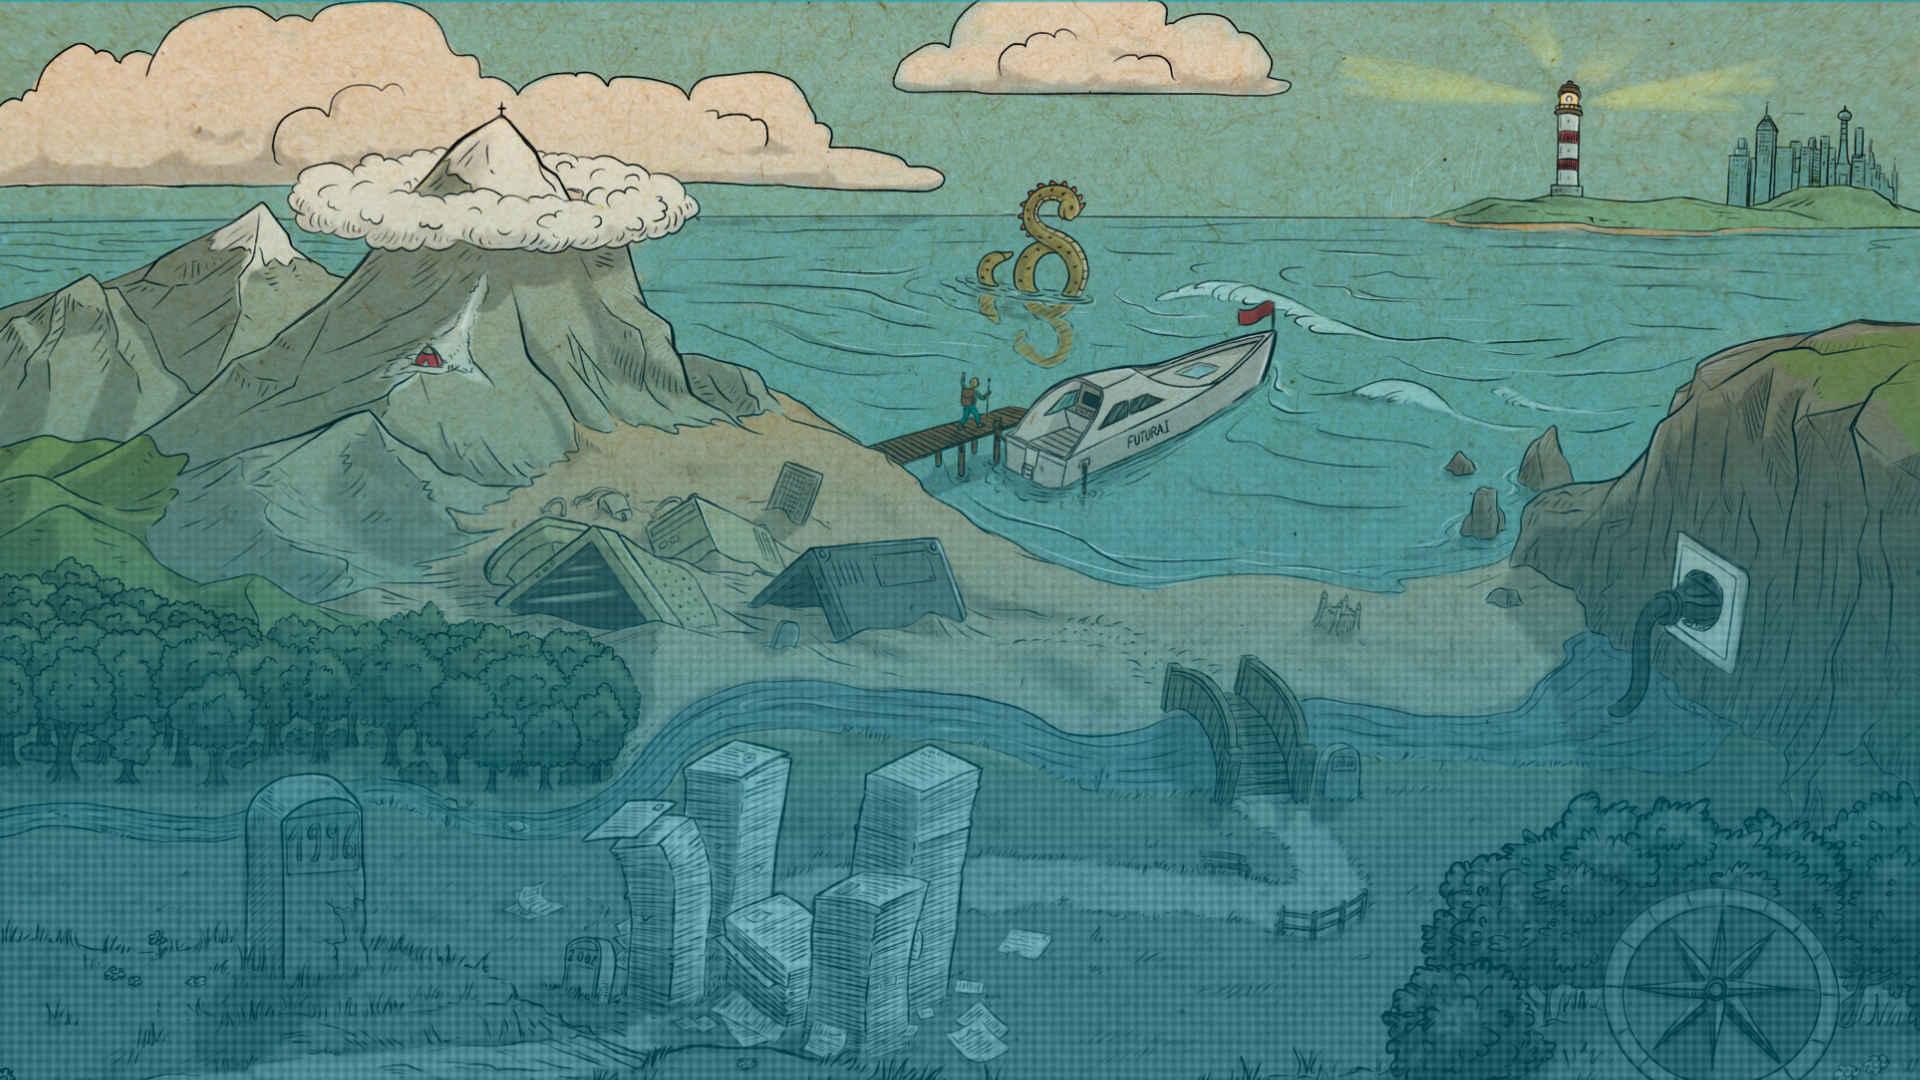 Bildlink zur Unterseite Illustration